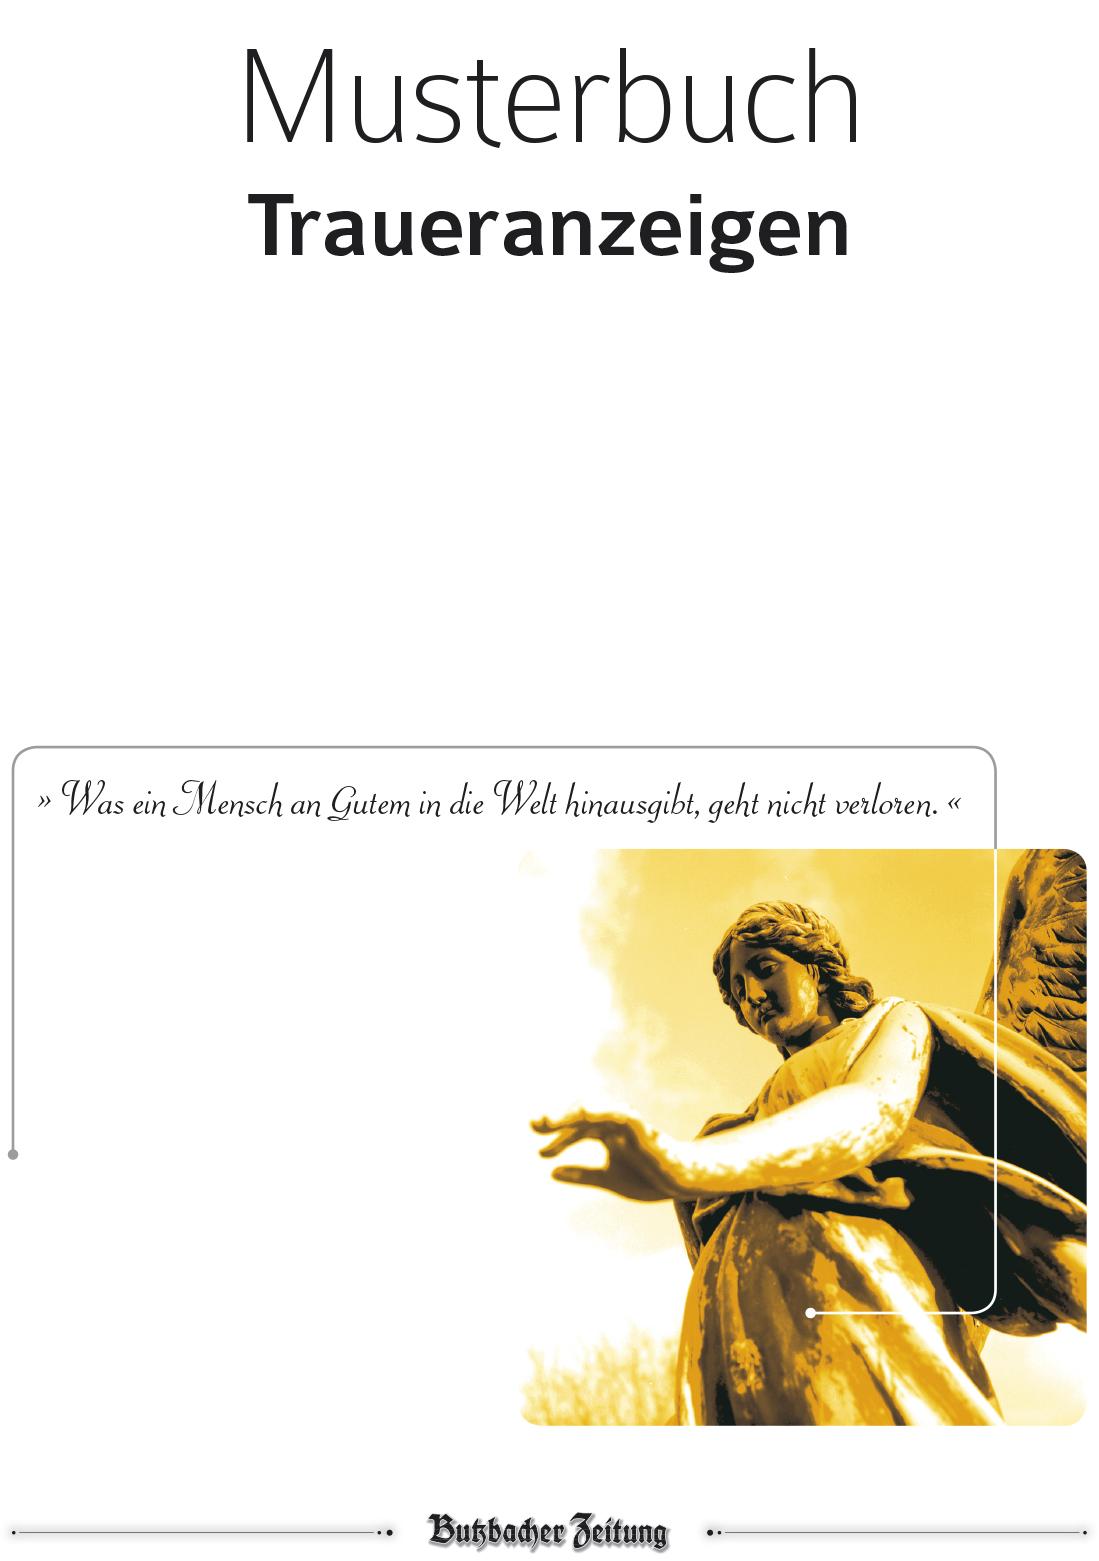 musterbuch-traueranzeigen